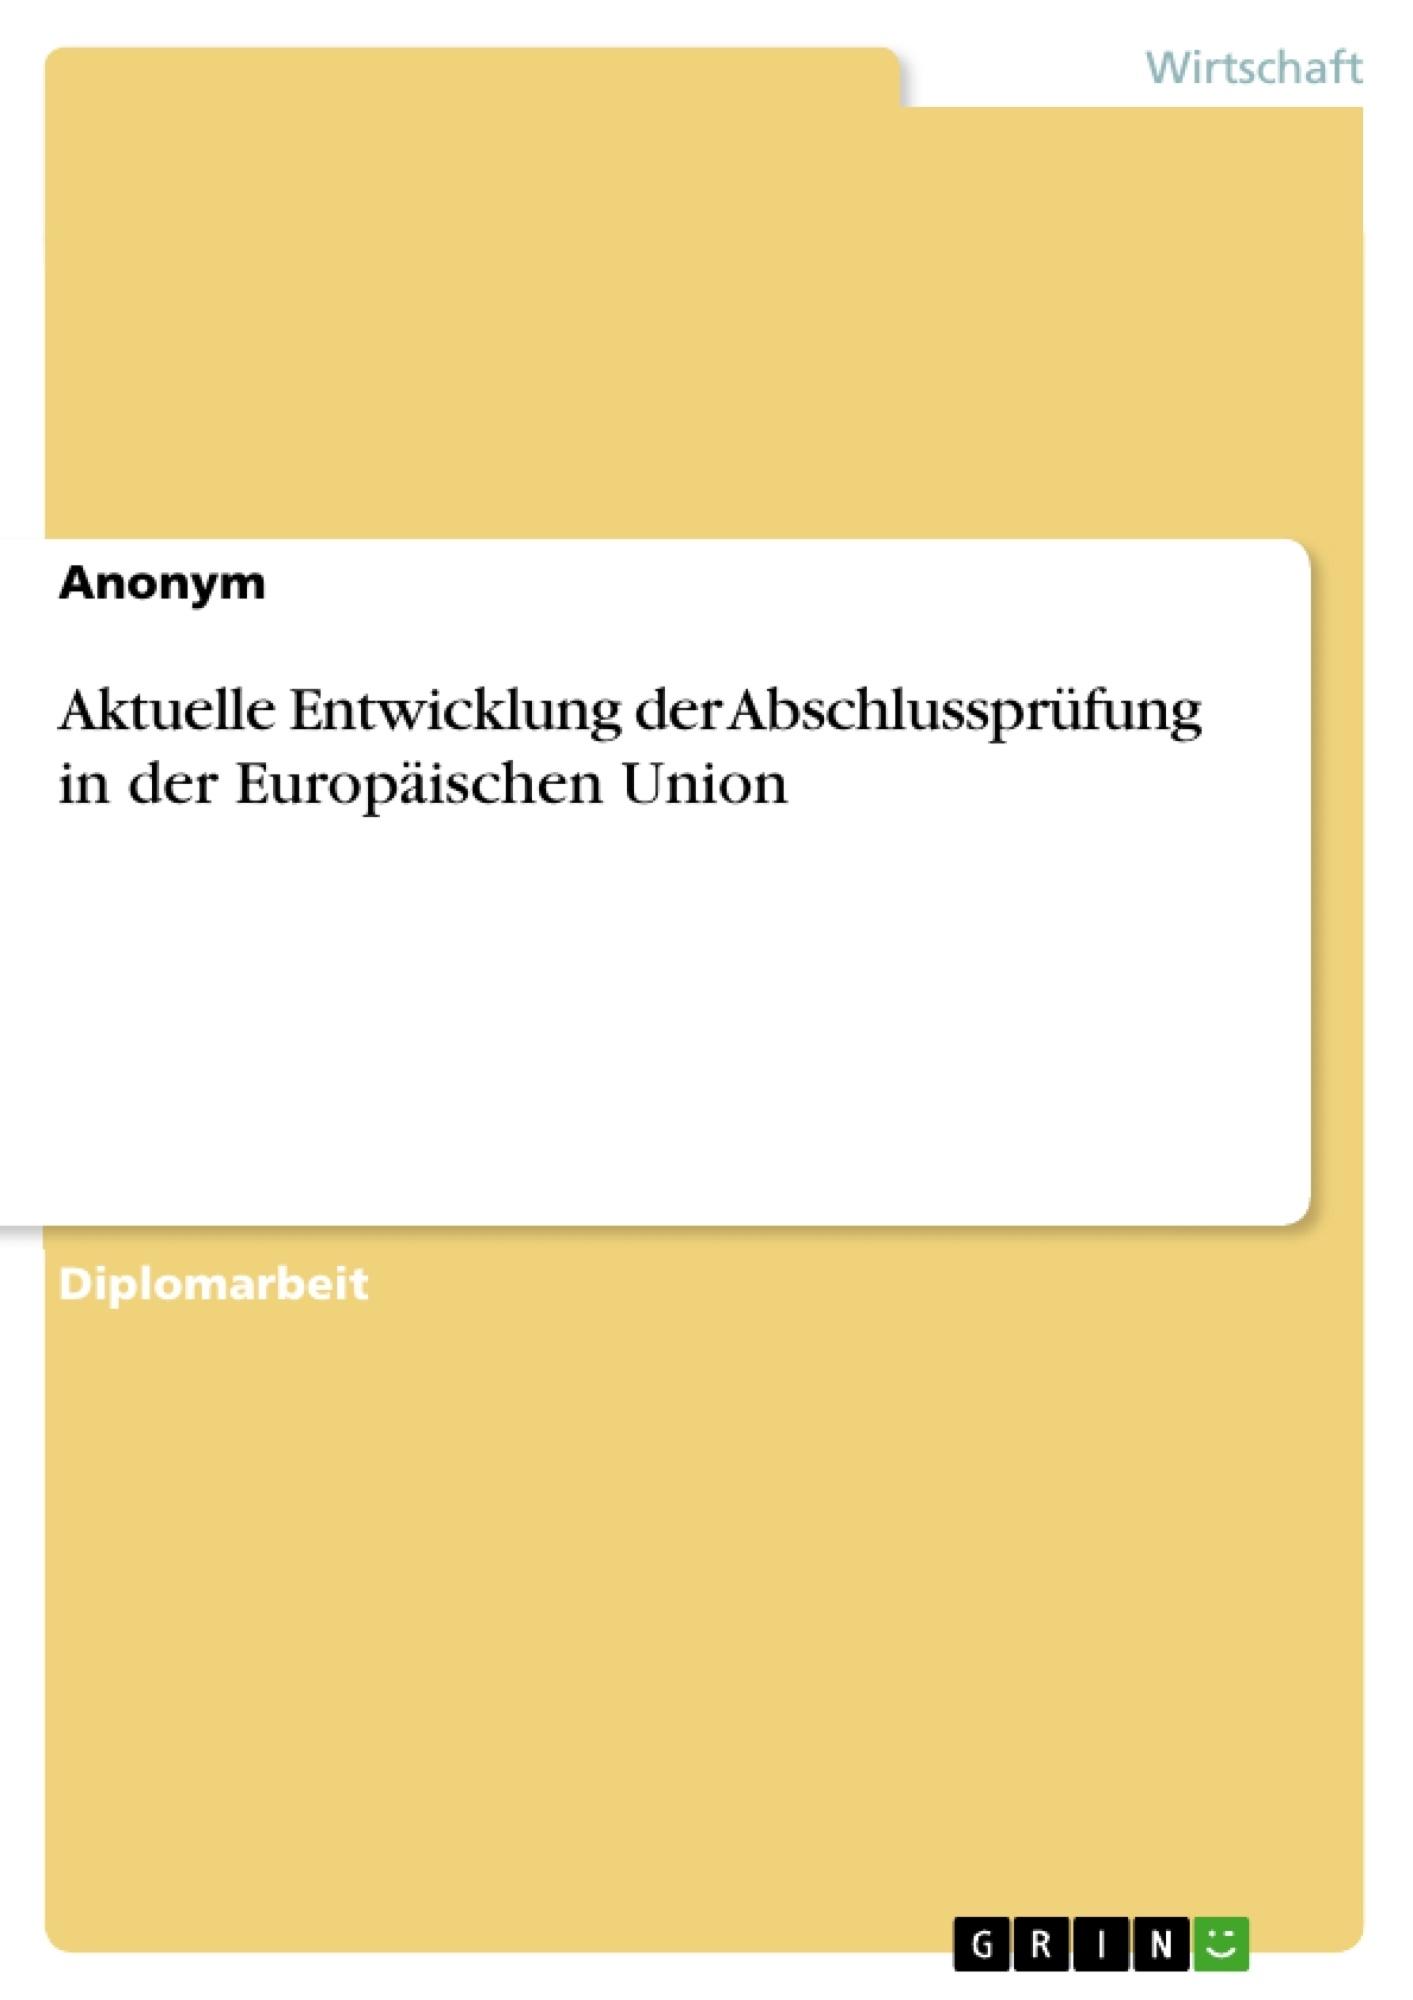 Titel: Aktuelle Entwicklung der Abschlussprüfung in der Europäischen Union